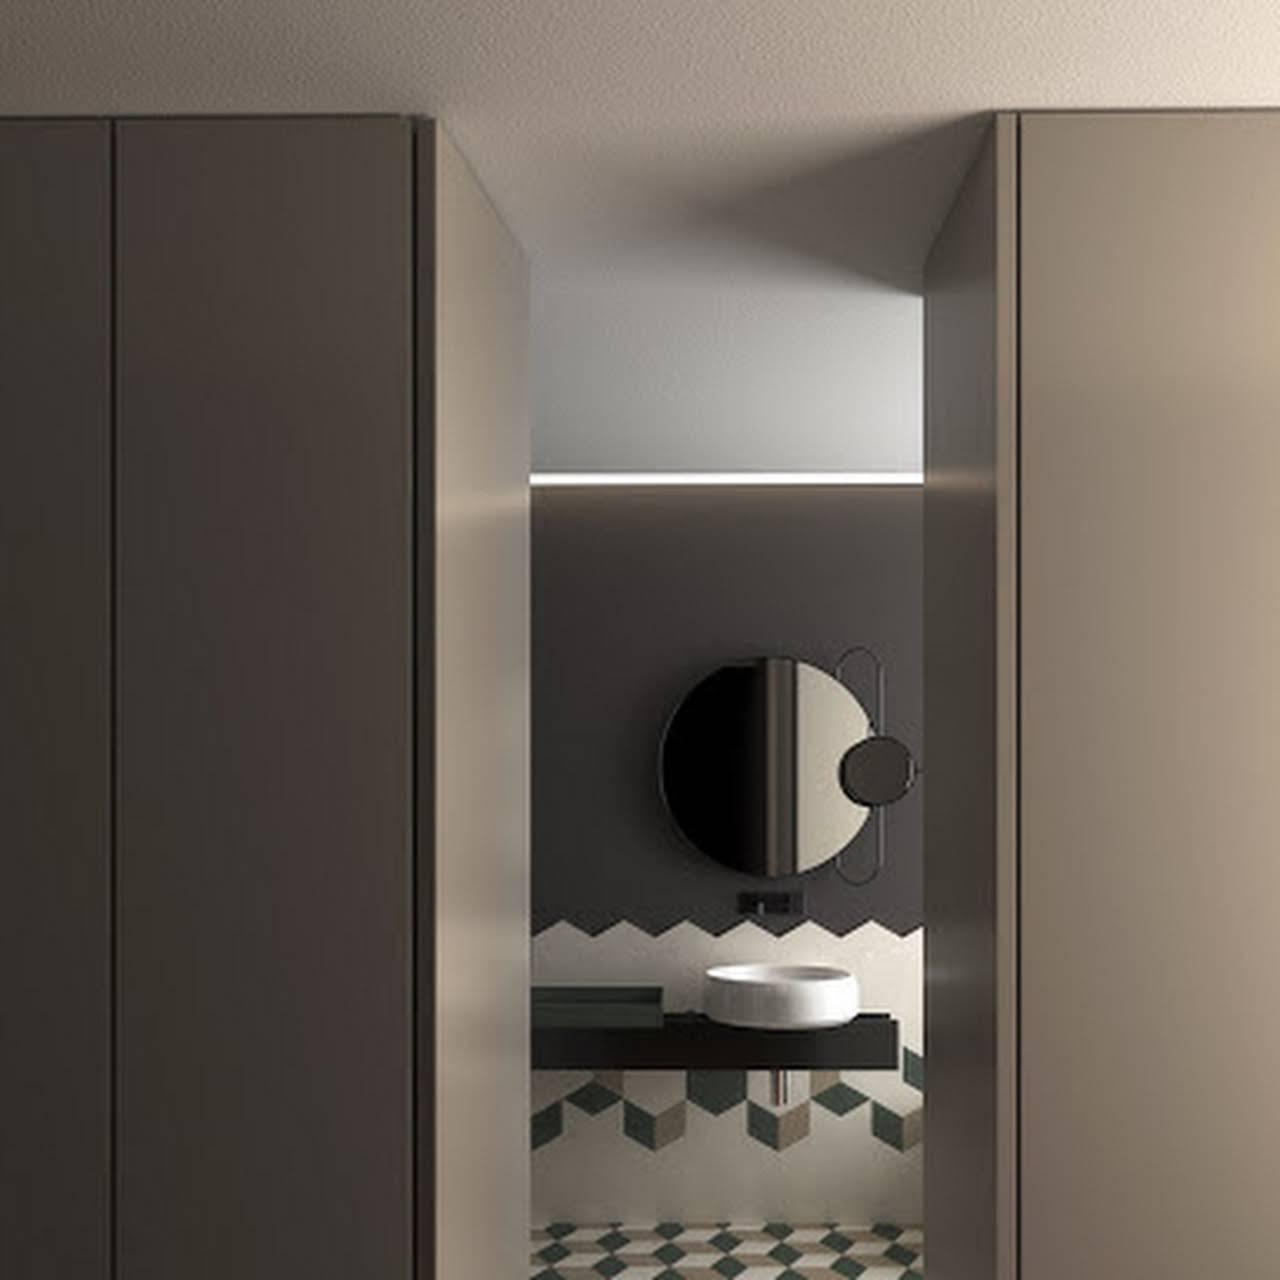 Fontanella Arredamenti Snc Belluno Bl fontanella arredamenti - studio di progettazione e arredamento